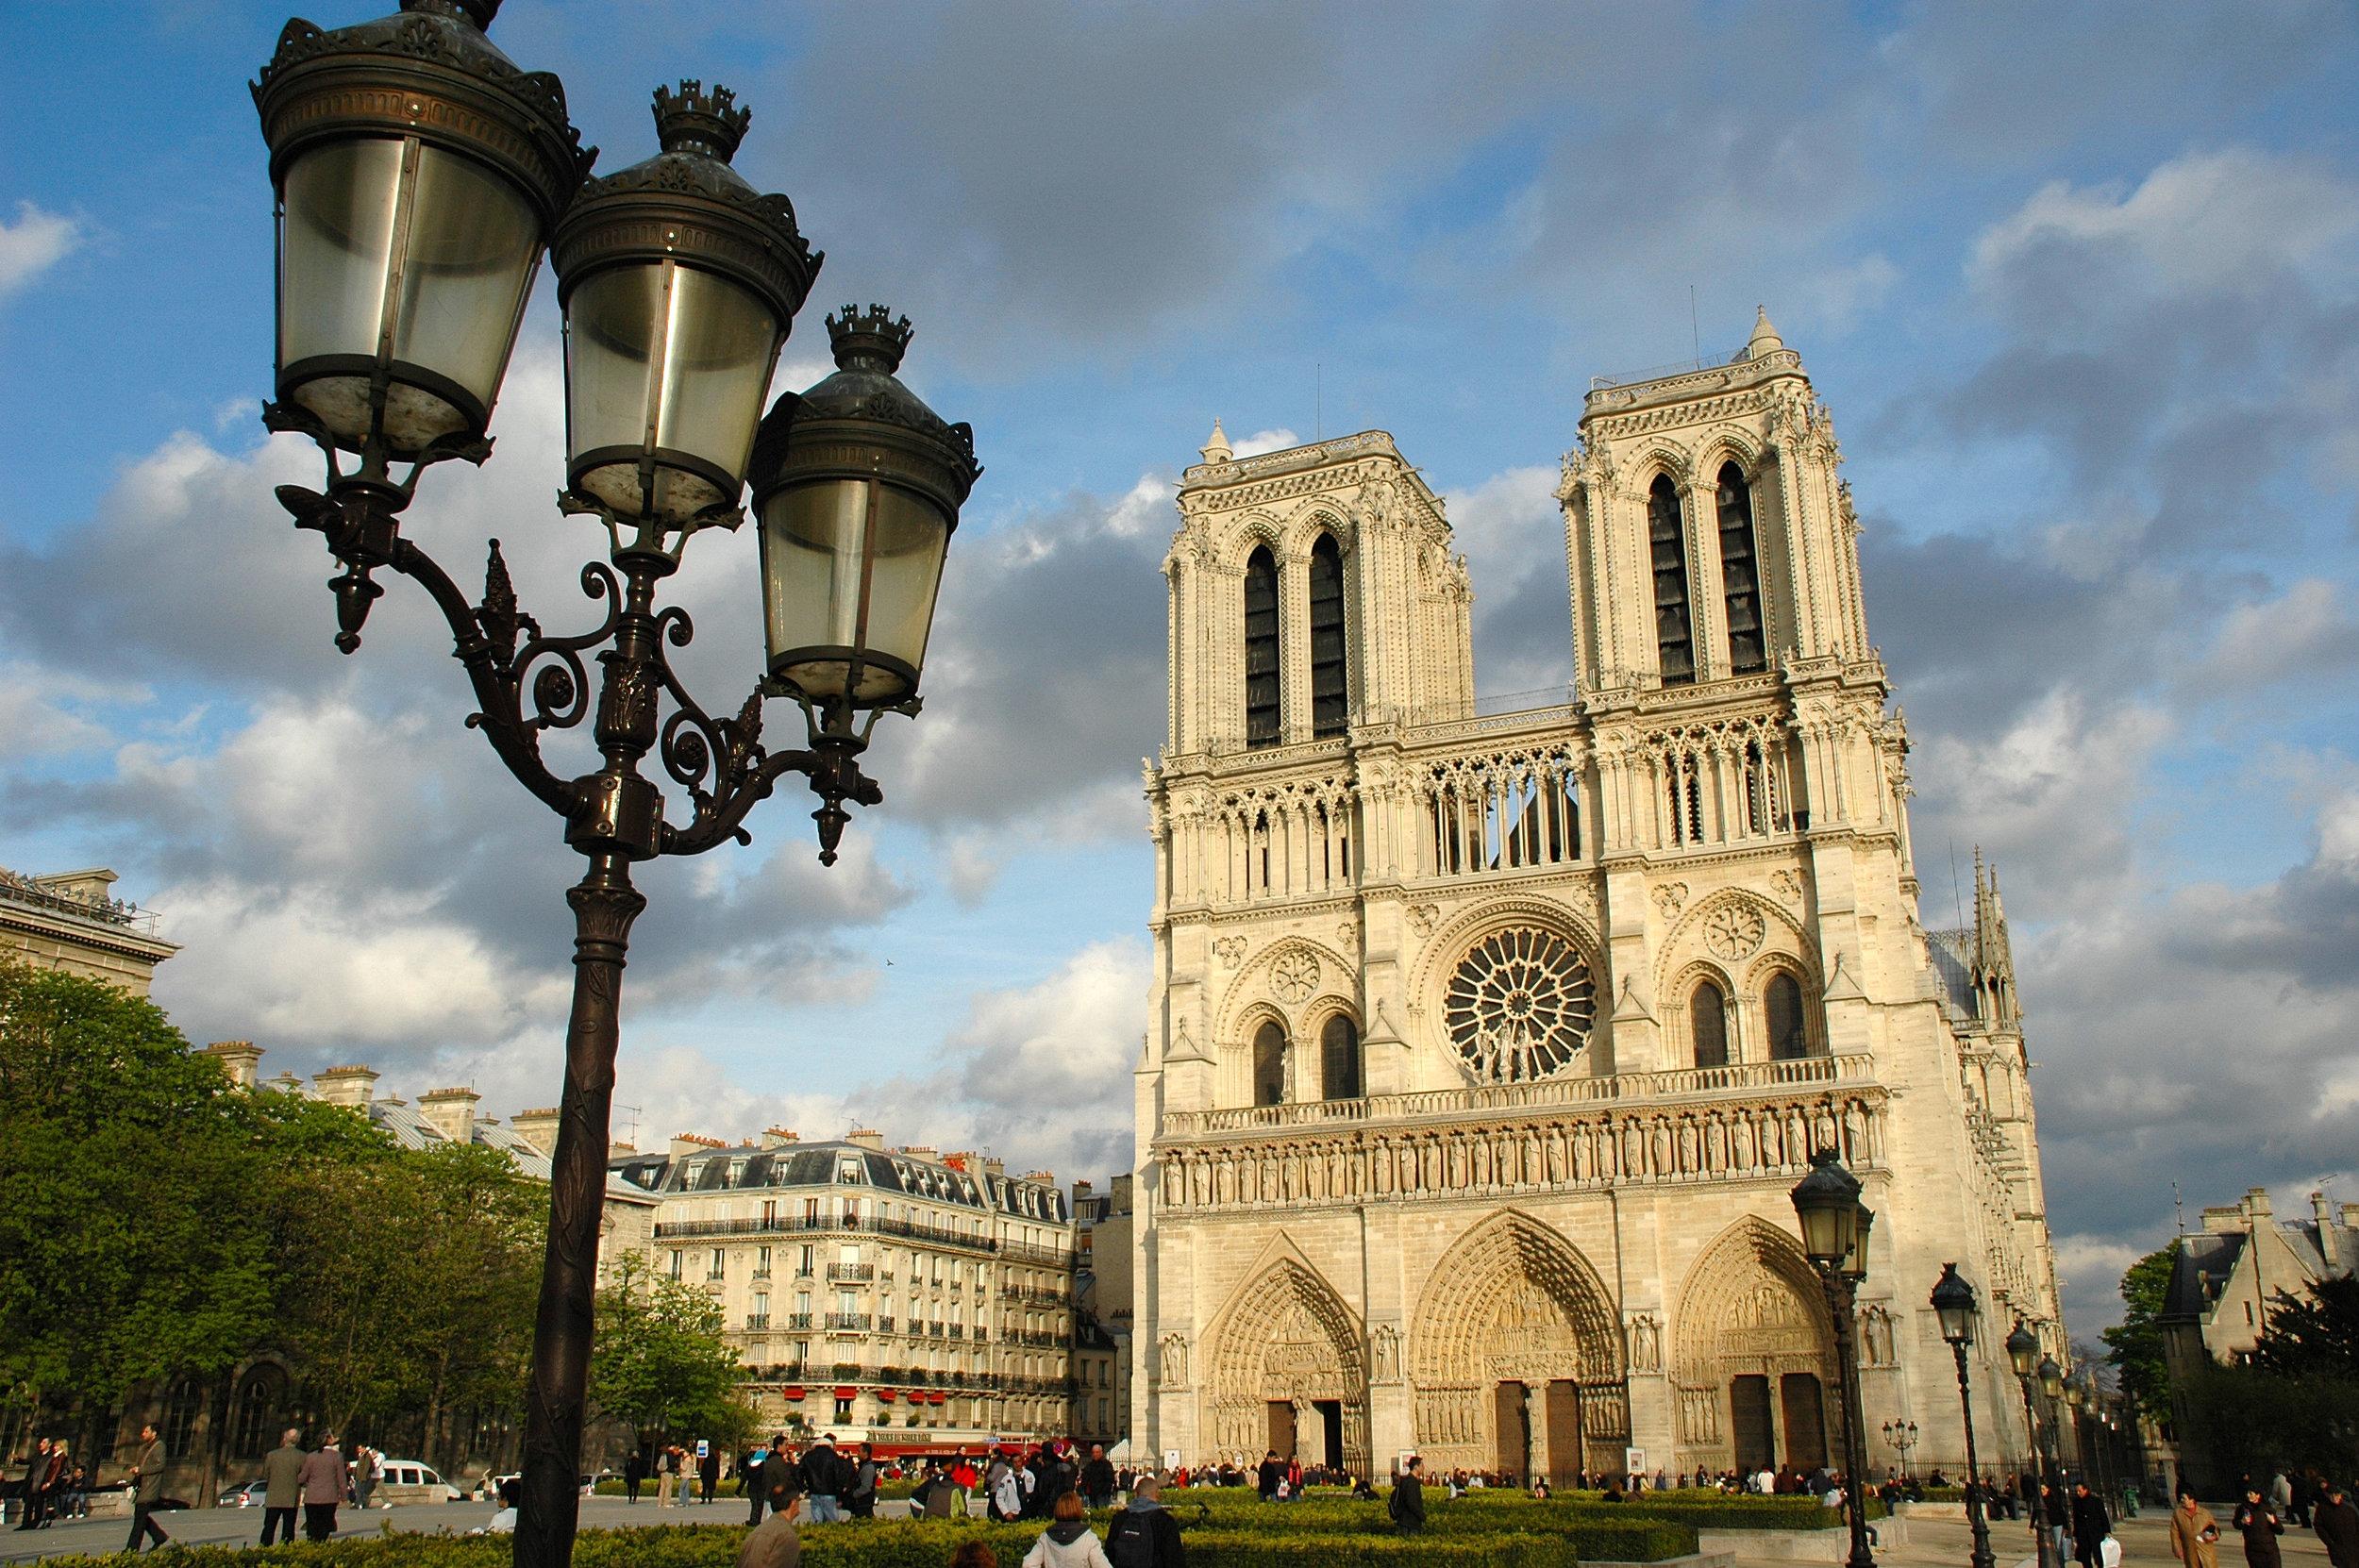 Notre_Dame_de_Paris.JPG